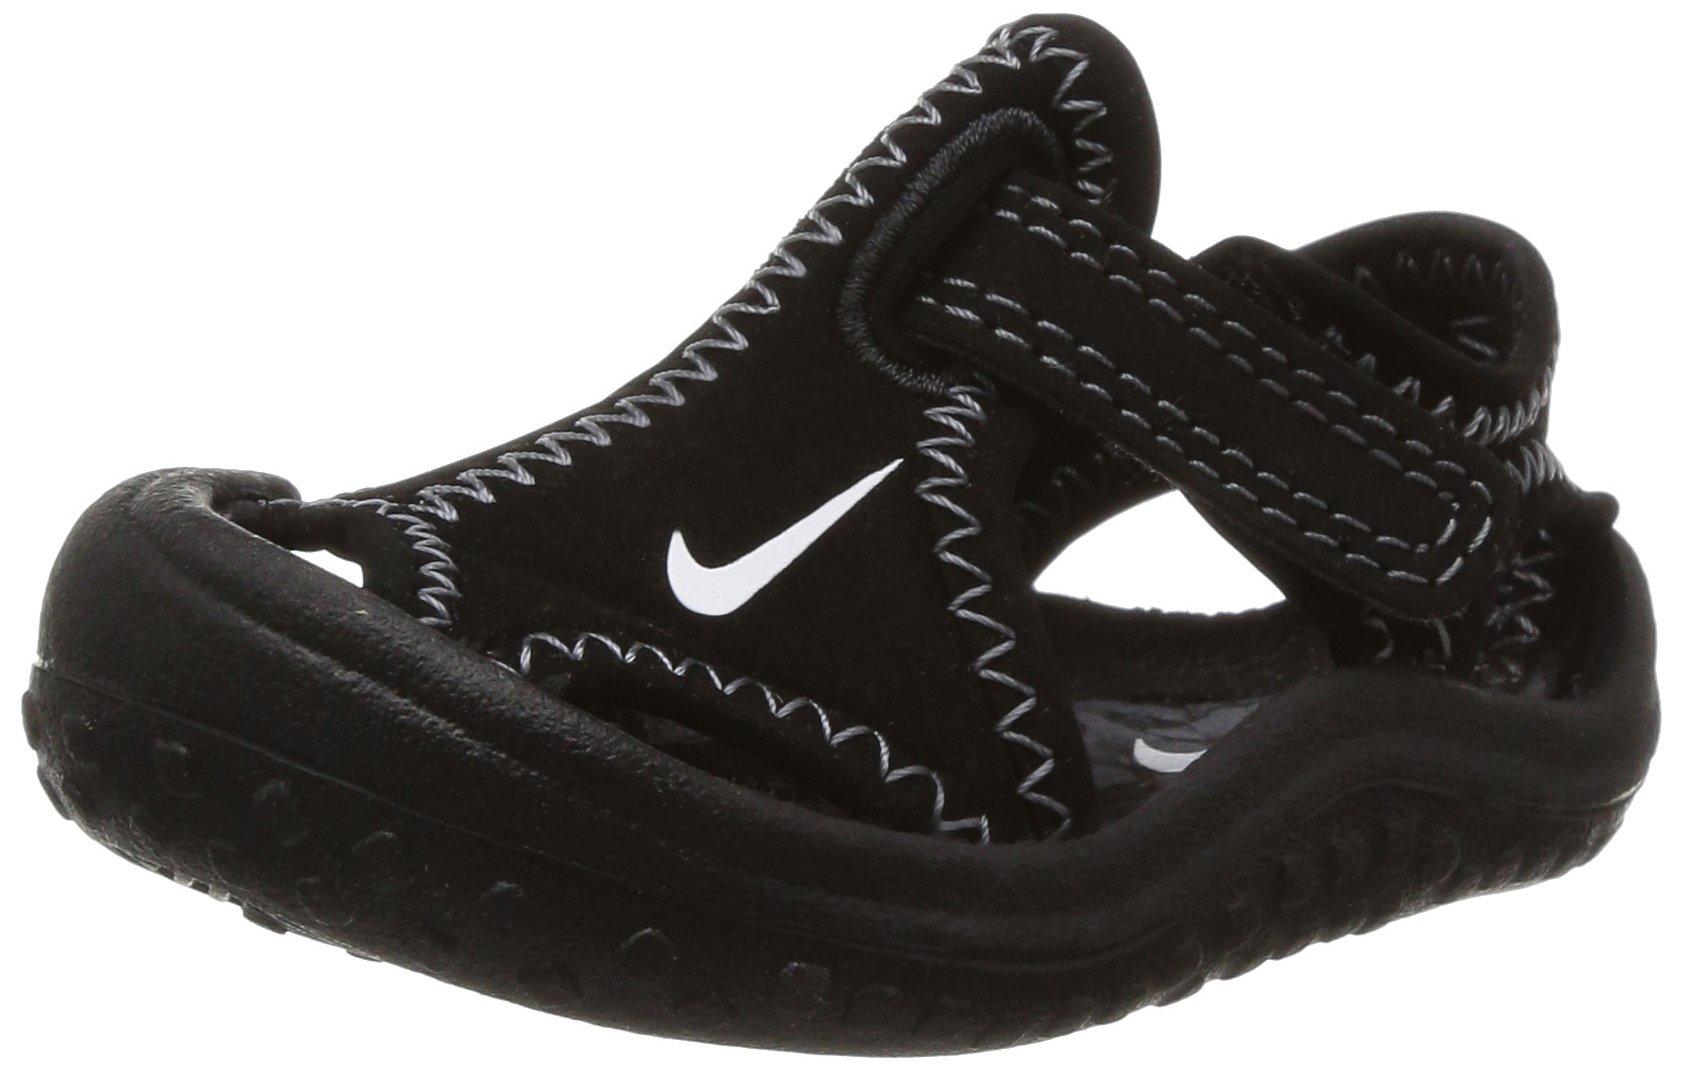 separation shoes caa9c 02109 Nike Sunray Protect (TD), Zapatos de Primeros Pasos Bebé-para Niños,